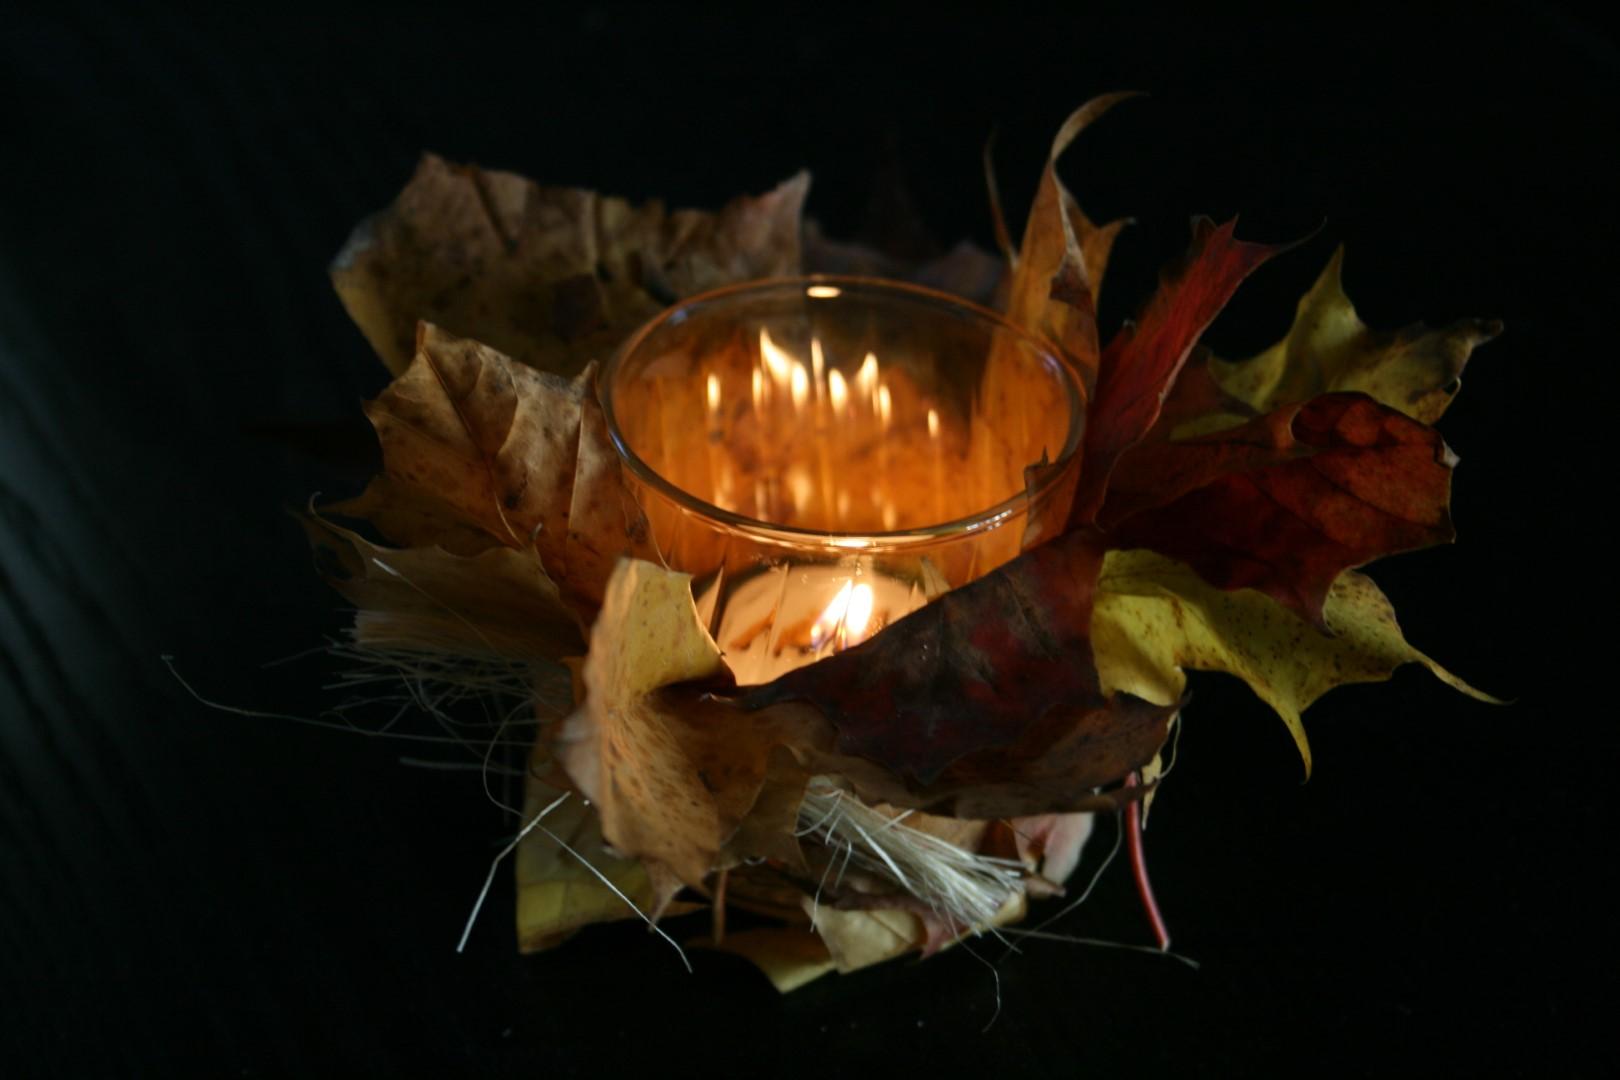 Lys med friske blade viklet rundt om